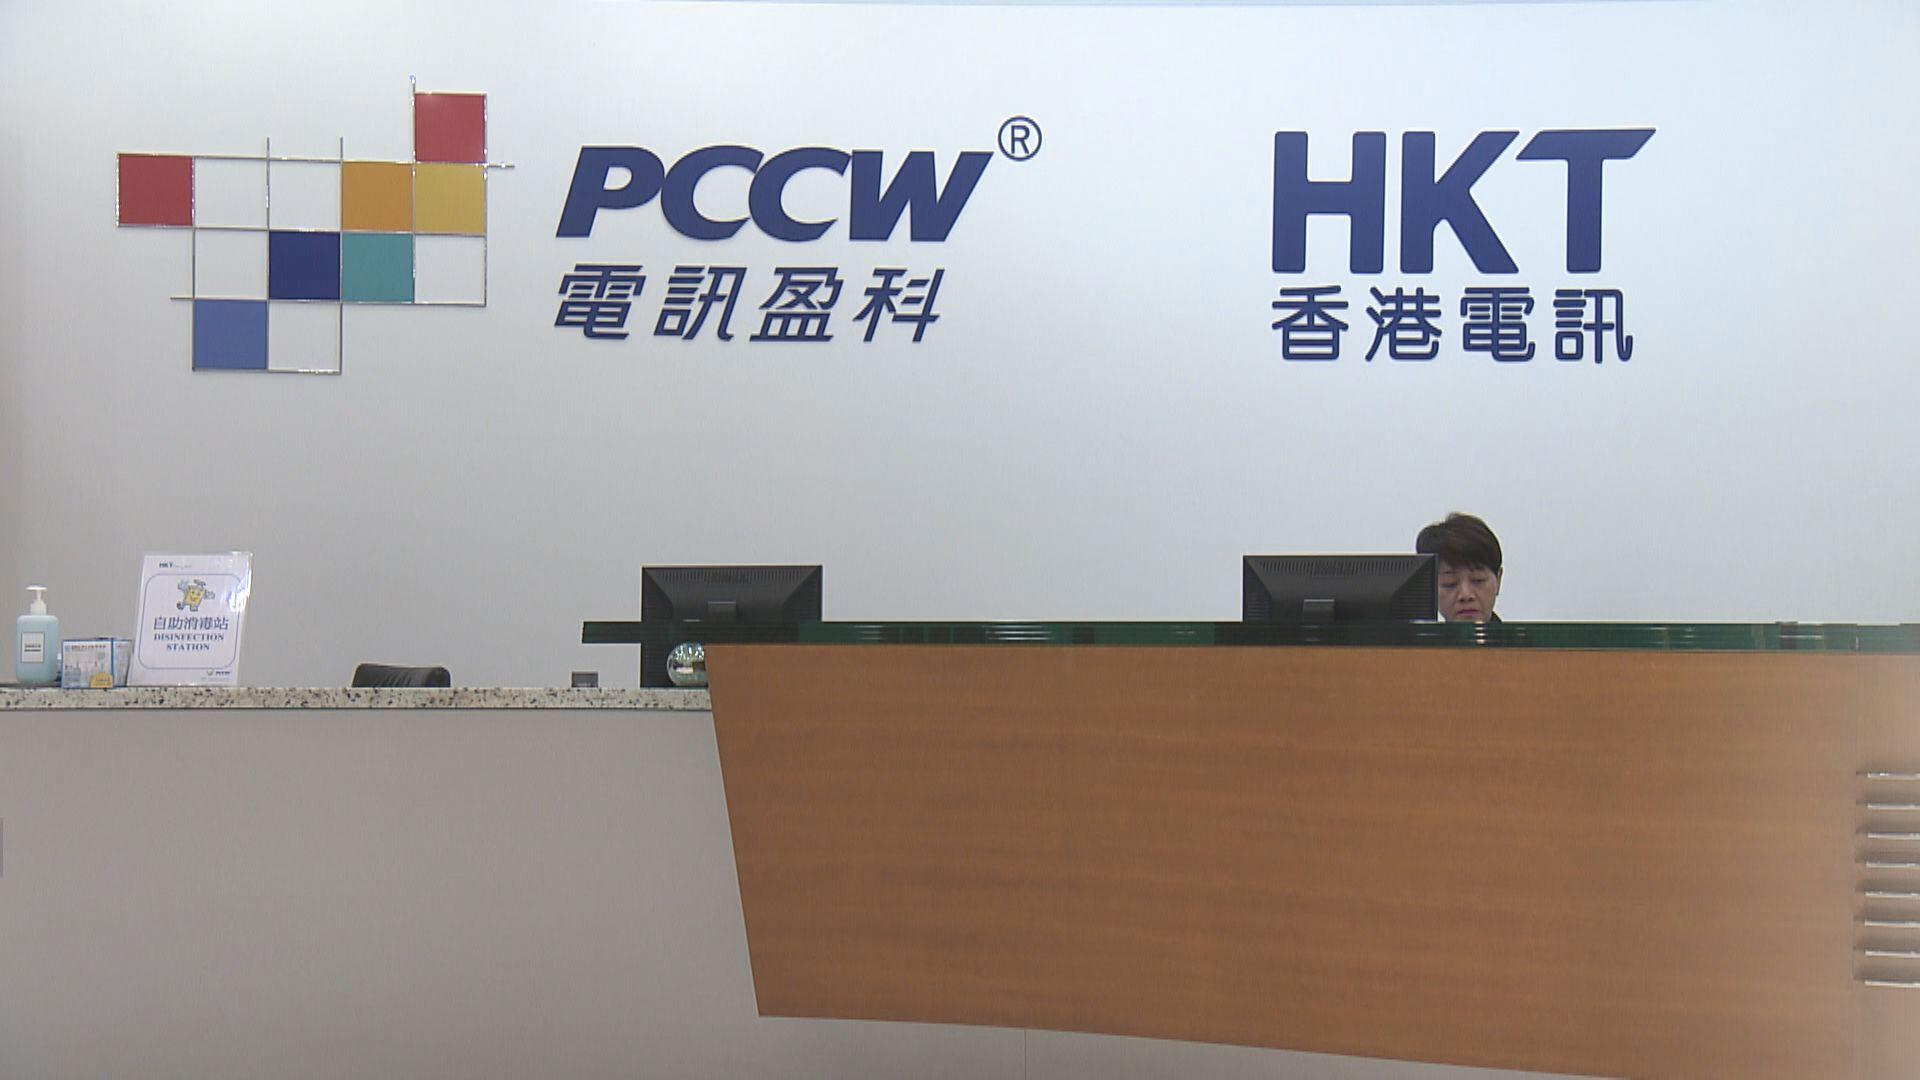 杜絕太空卡!香港電訊:會仔細研究諮詢文件